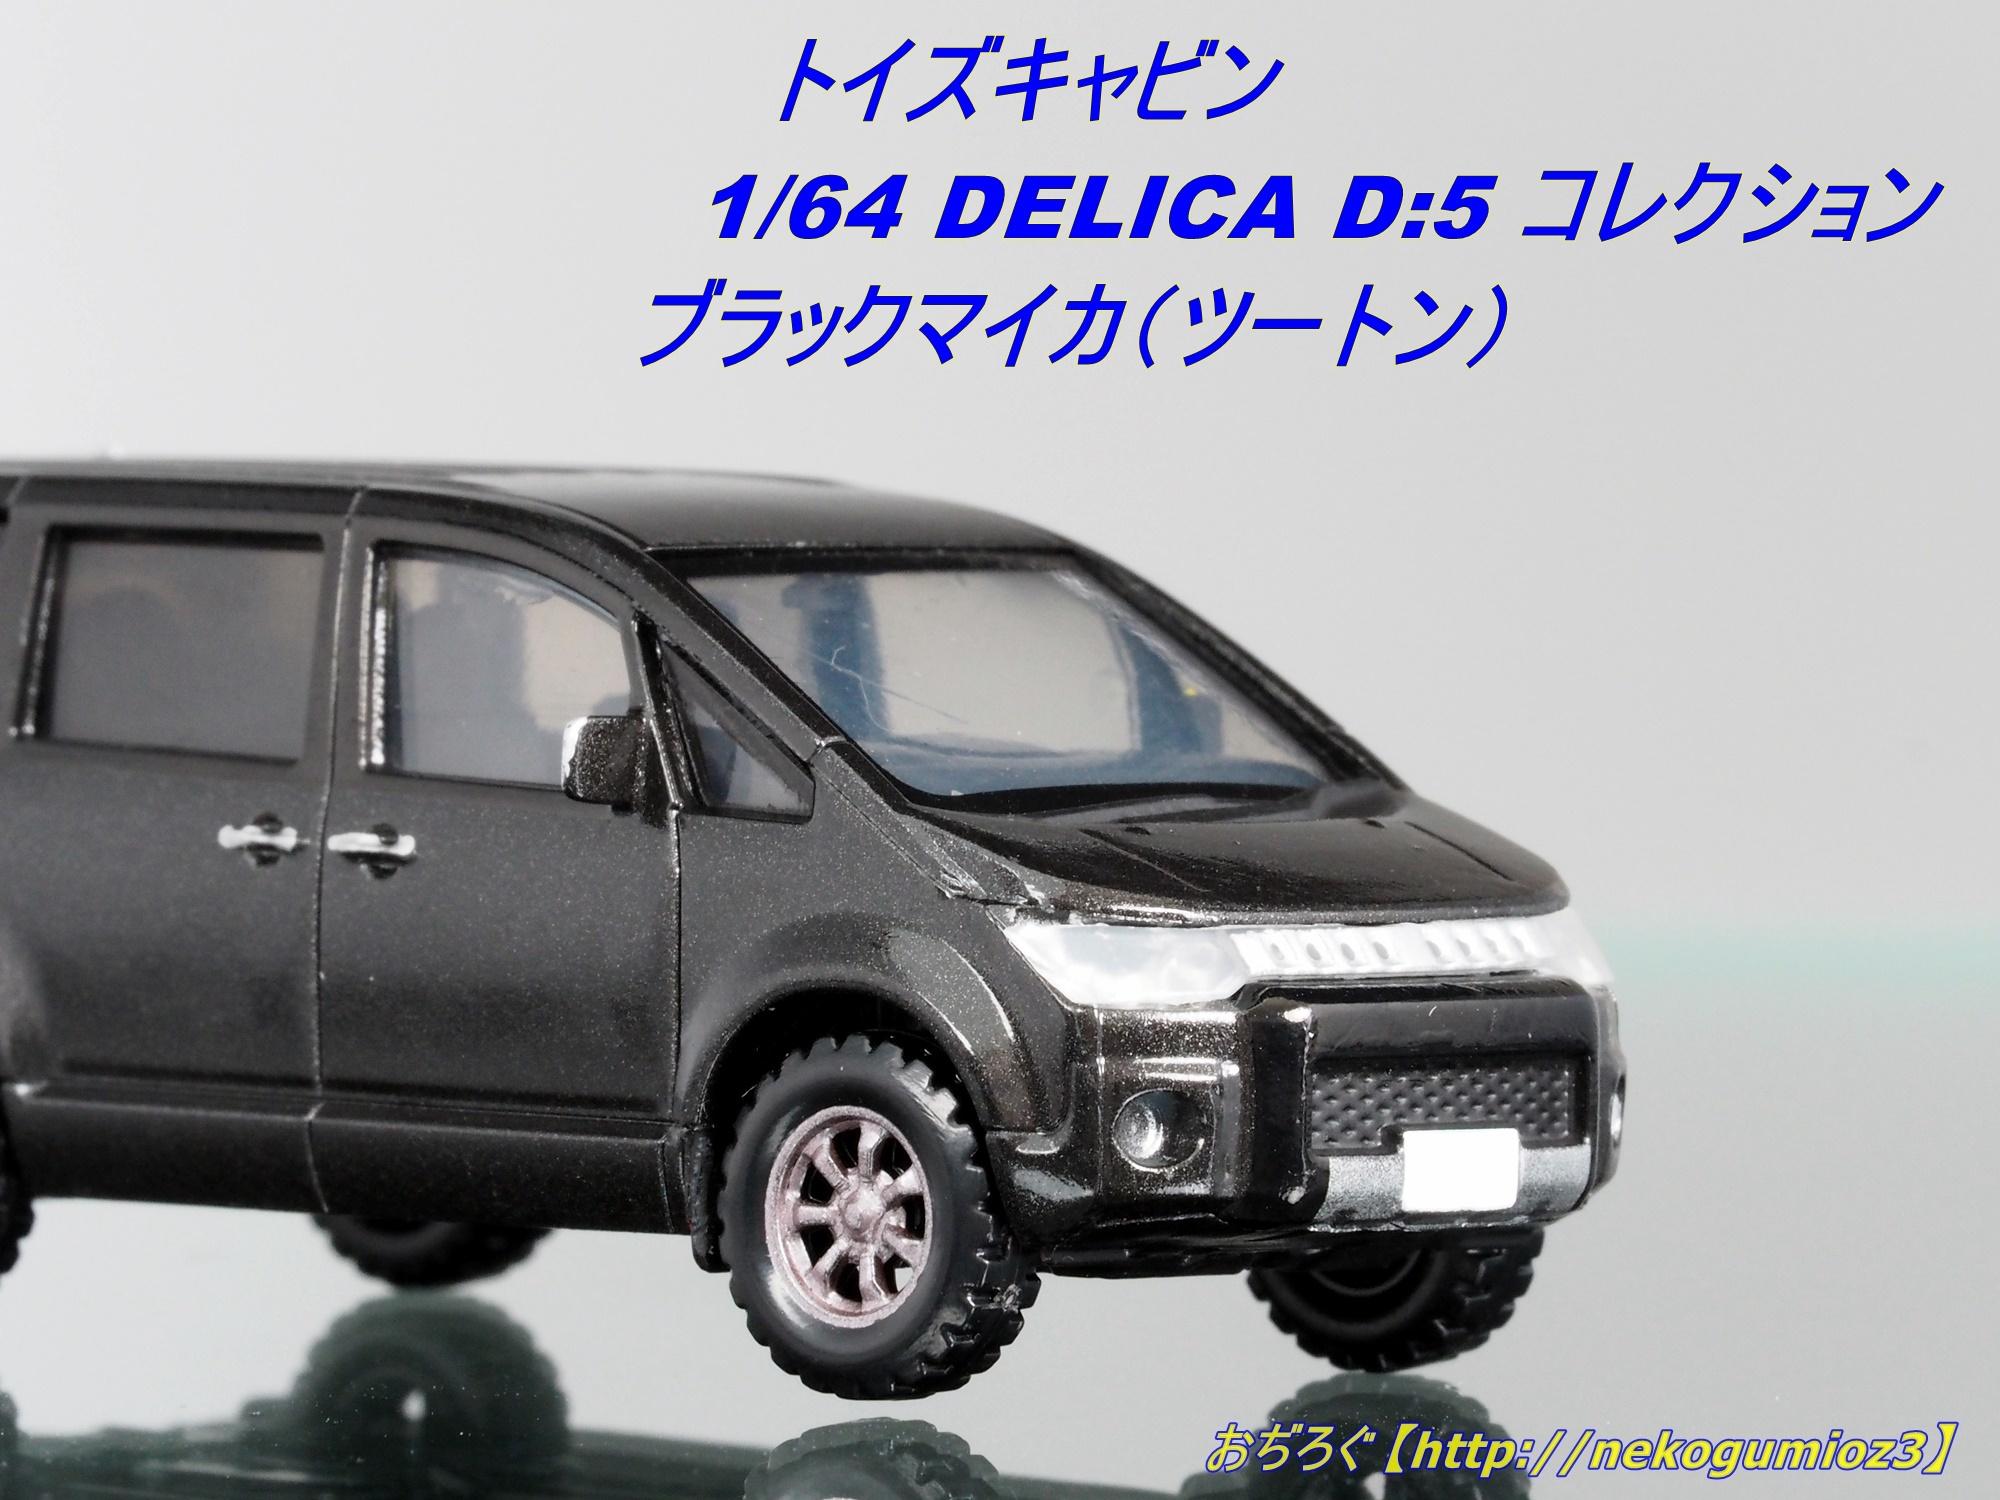 200601066.jpg